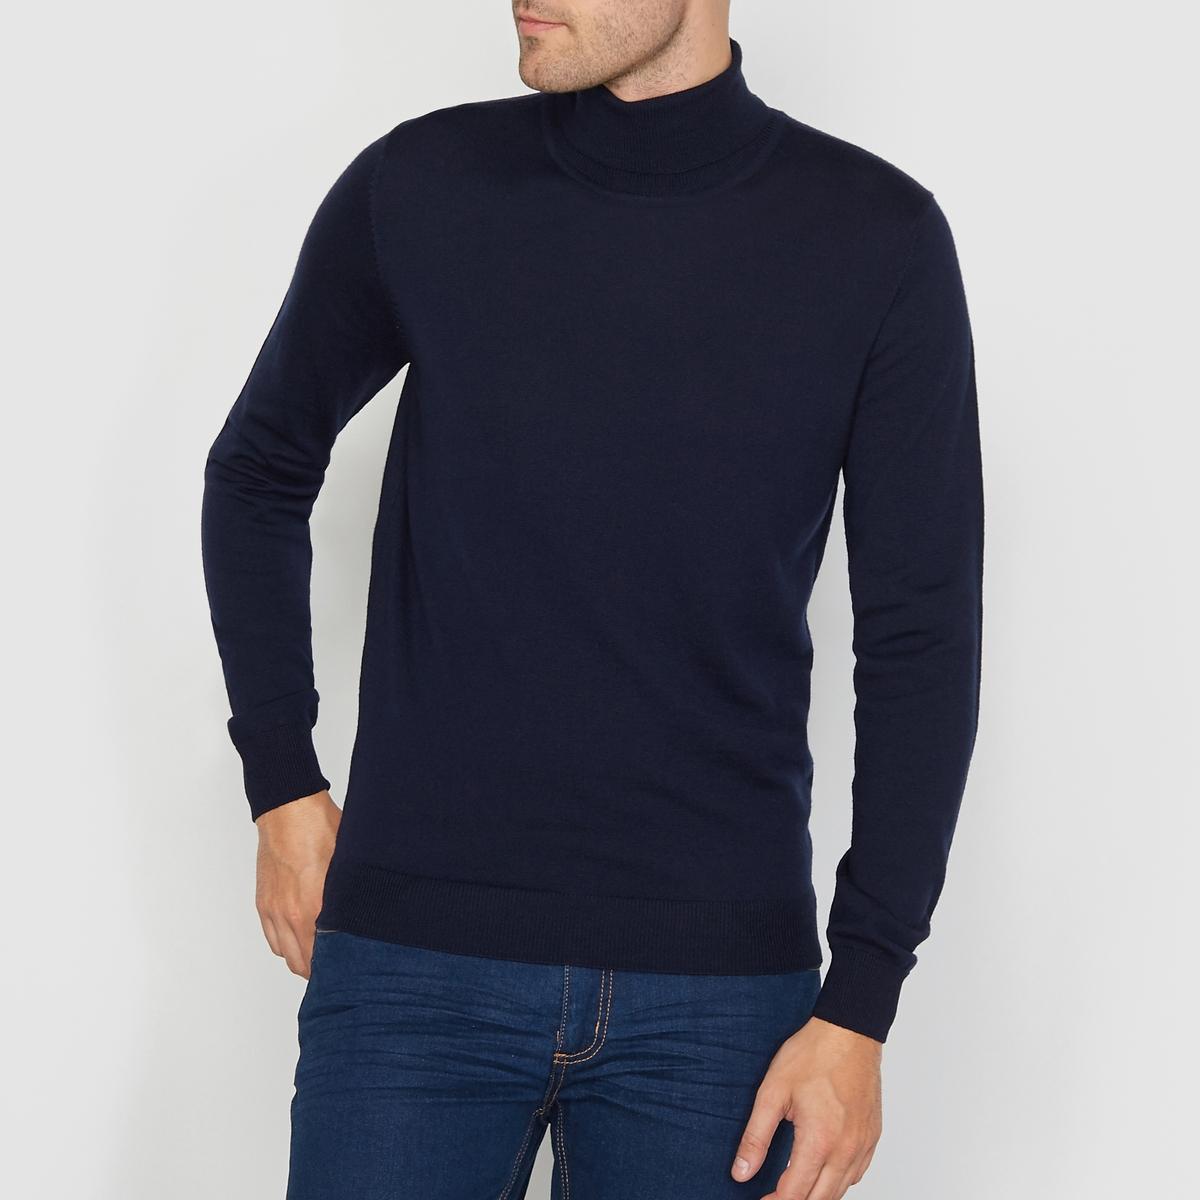 Пуловер с отворачивающимся воротником из шерсти мериносаСостав и описание  :Материал : 100% шерсти мериноса.Длина :  68 смМарка : R essentiel.Уход : Обратите внимание на рекомендации по уходу на этикетке.<br><br>Цвет: темно-синий<br>Размер: 3XL